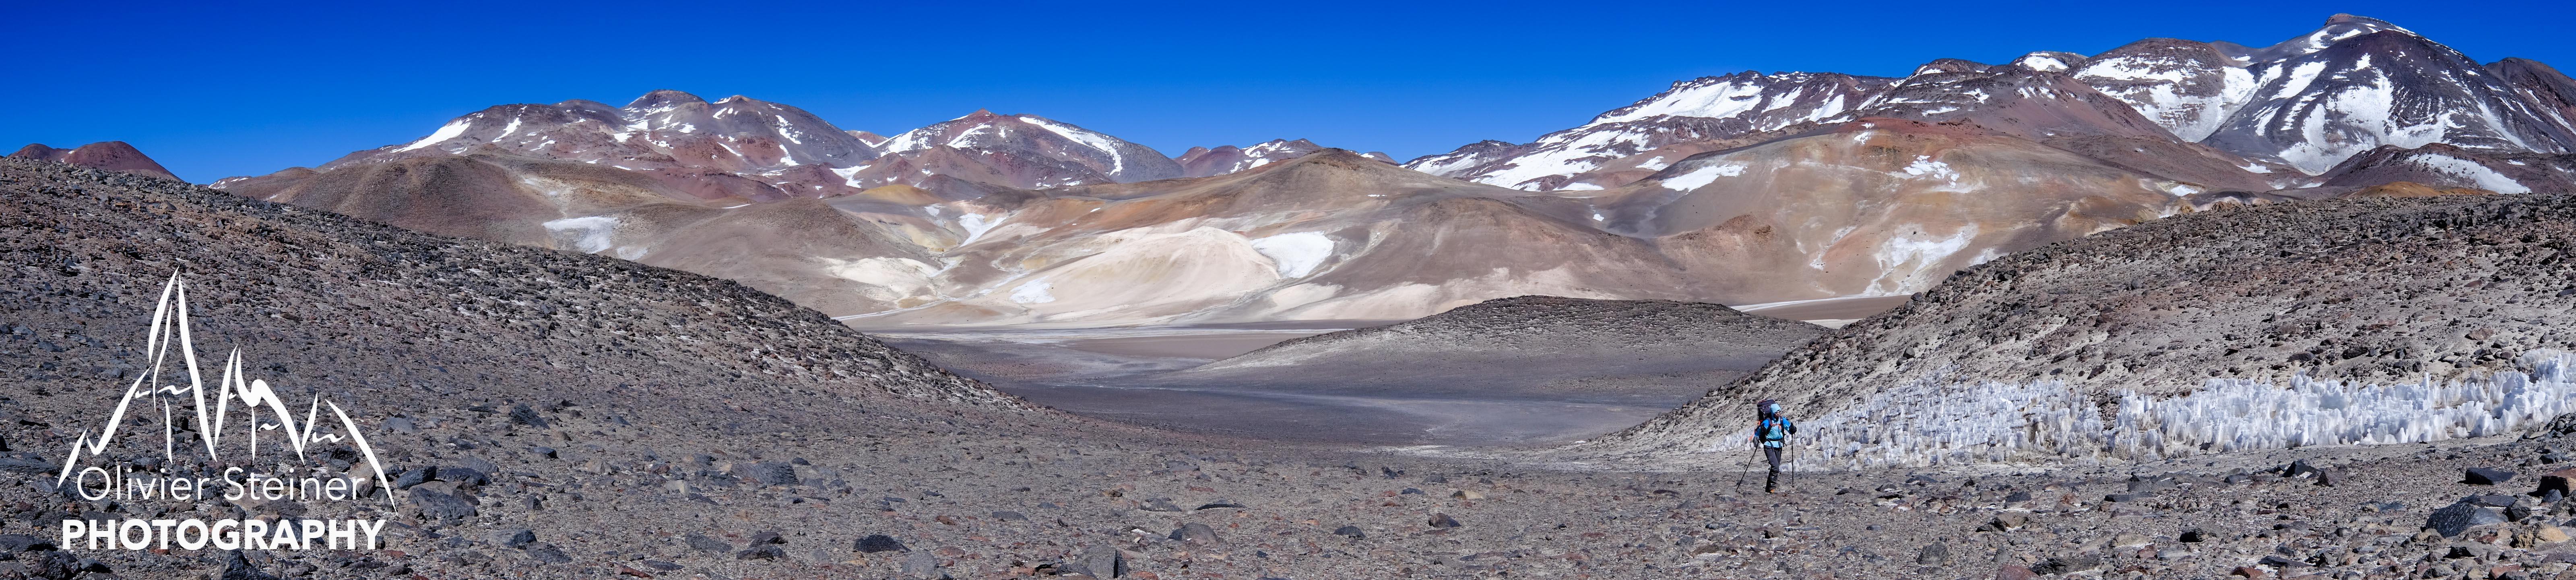 North Sun – Peru